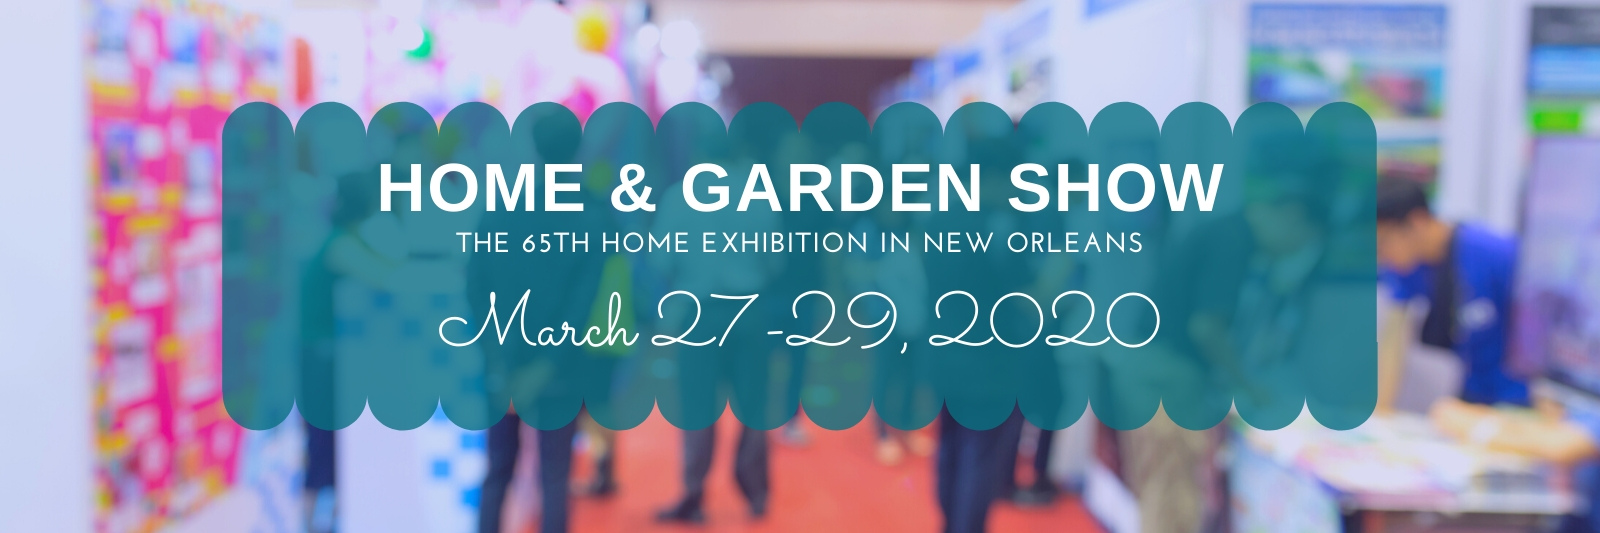 Home-and-Garden-Show-NOLA-(2).jpg